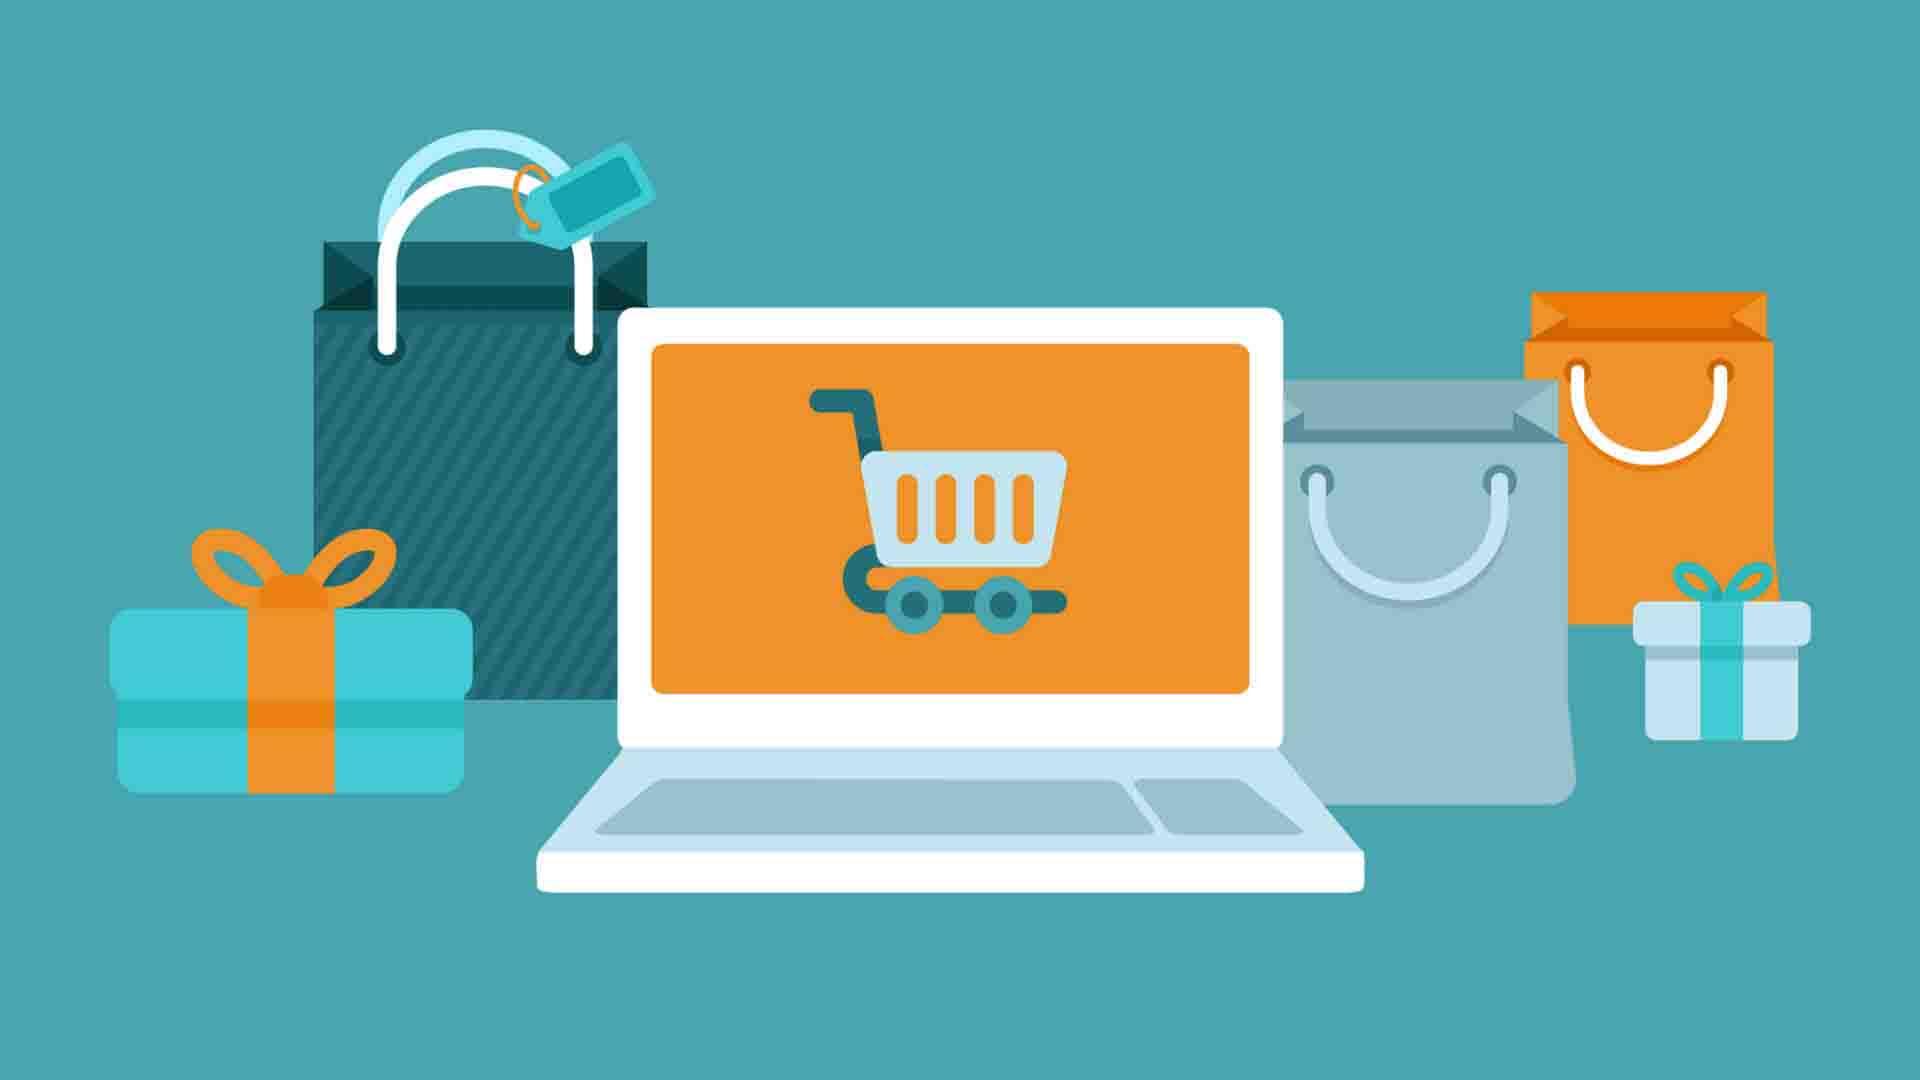 seo-shopping-online-user